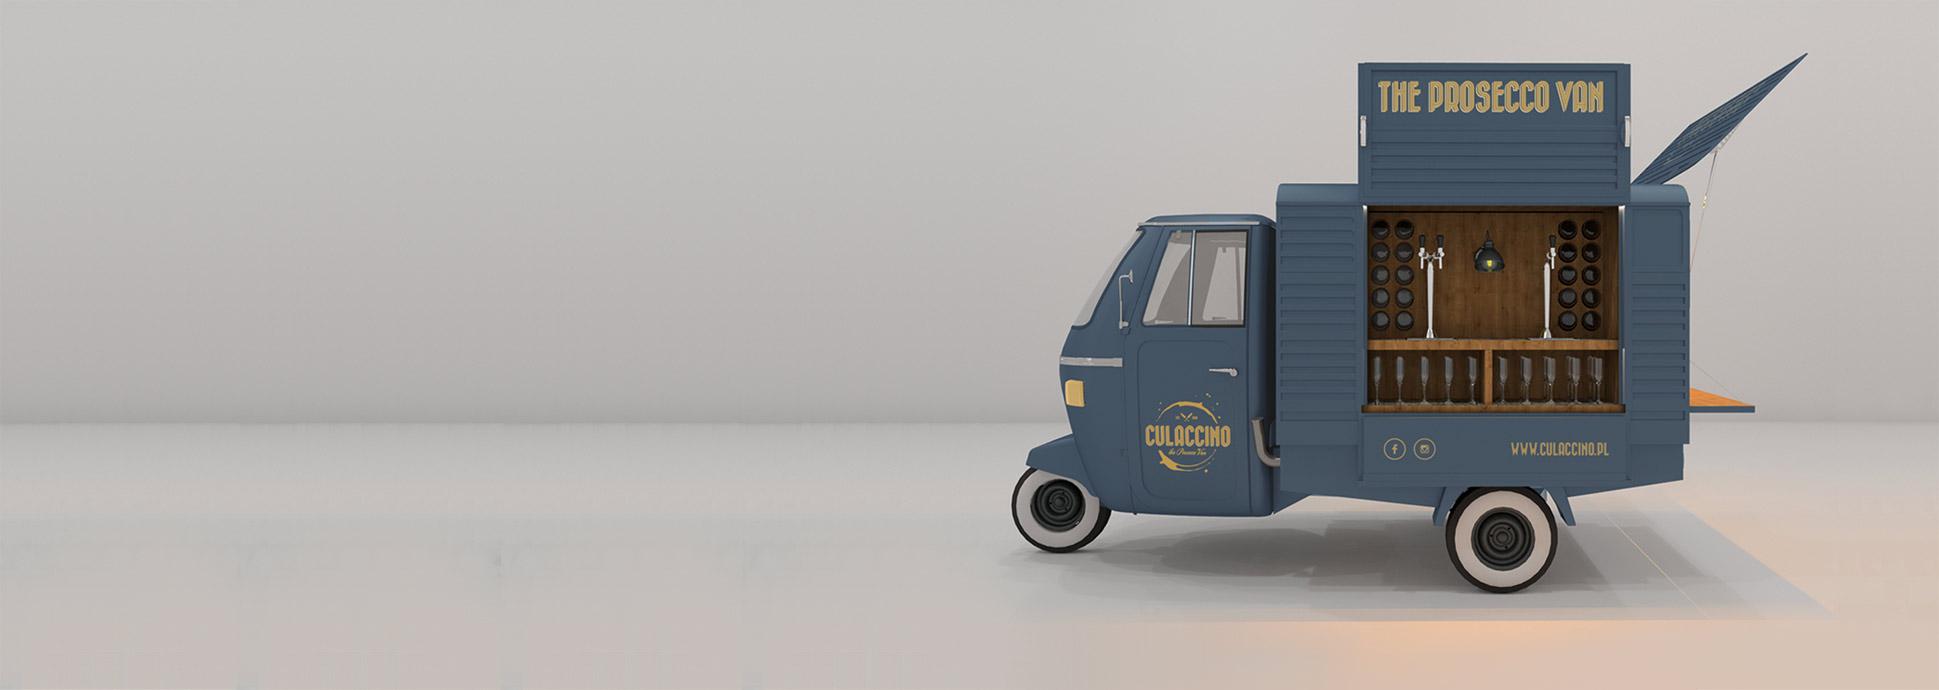 Zdjęcie Ape Piaggio Culaccino The Prosecco Van z otwartymi klapami